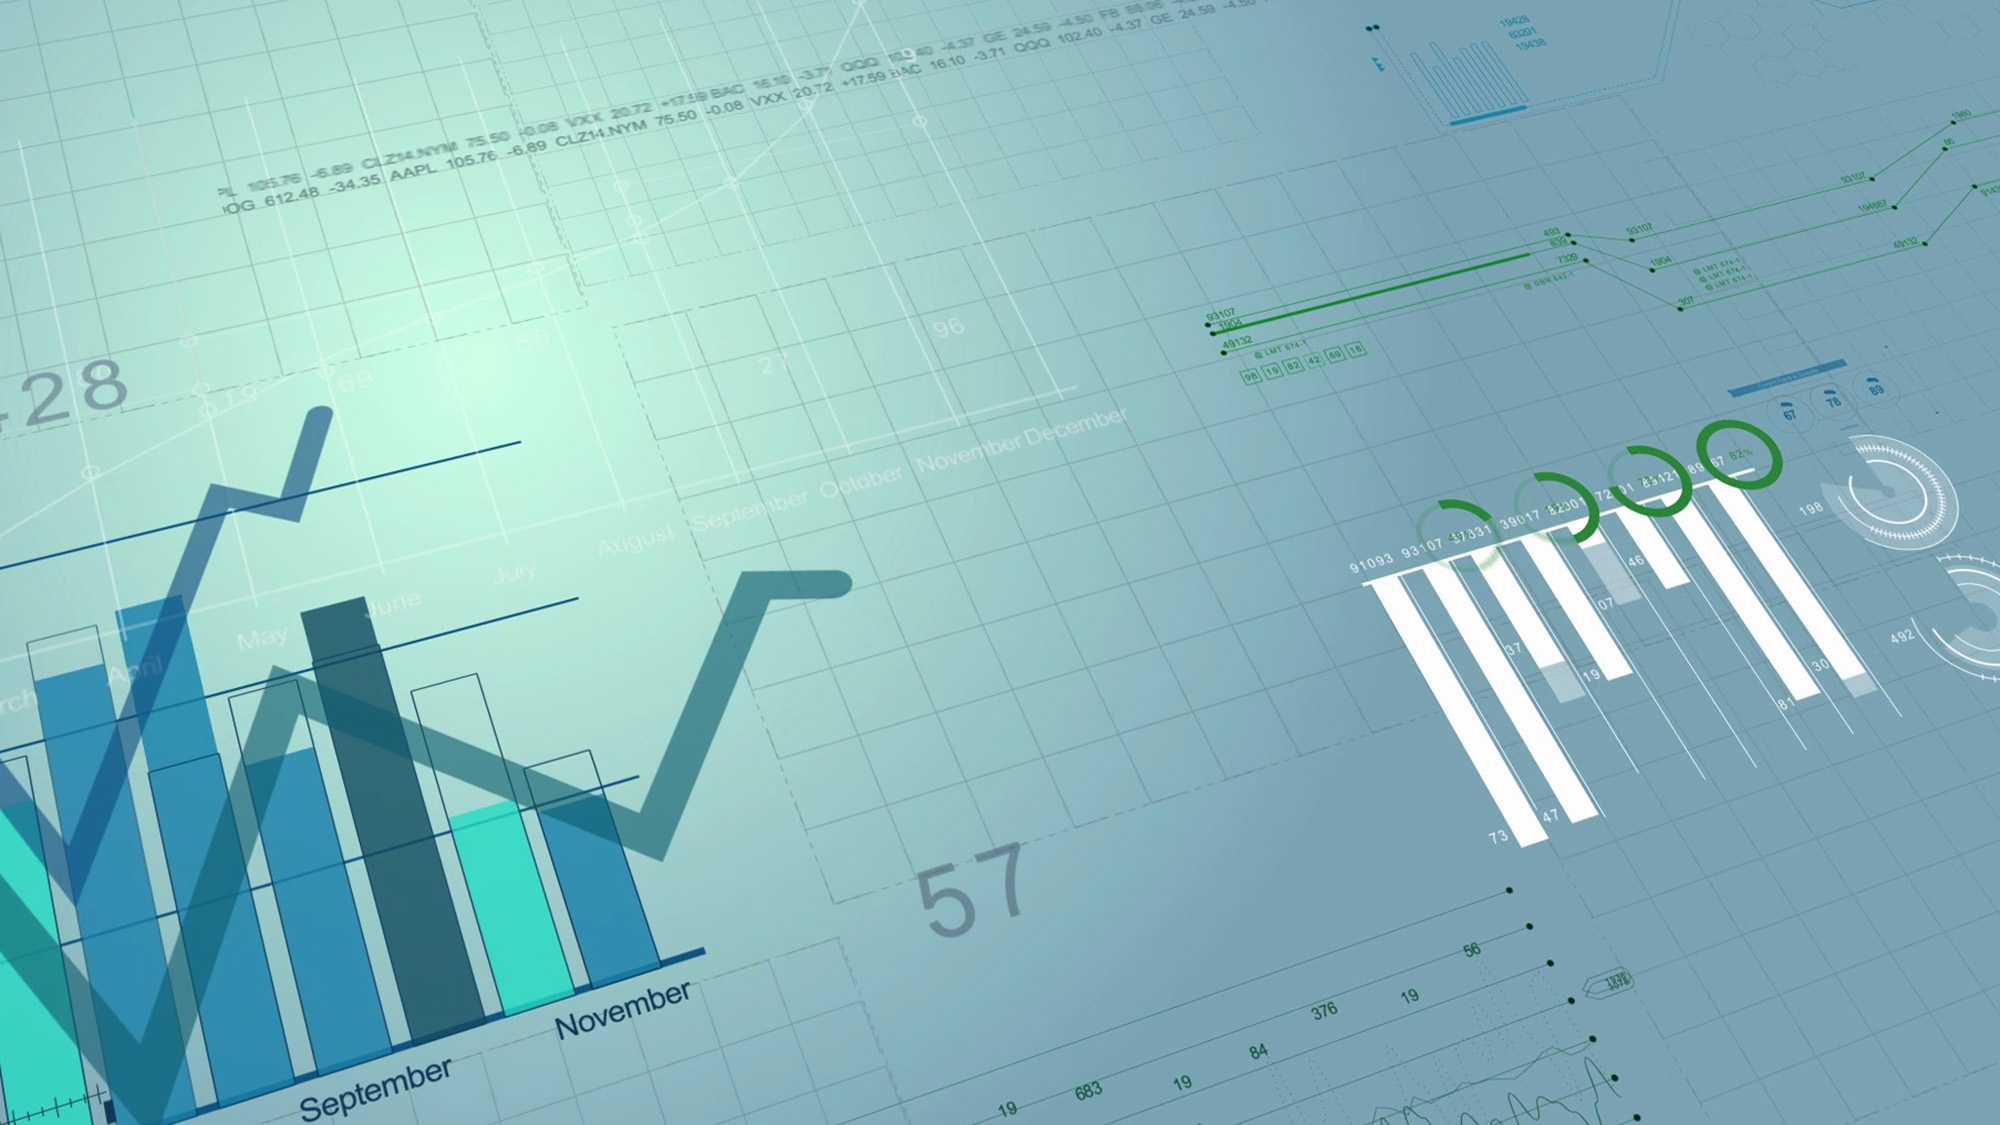 Das Bild zeigt ein paar Diagramme, die auf einem grünen Hintergrund liegen. Das Bild dient als Sliderbild für den Potfolioeintrag SupplyOn - Supply Chain Management Imagefilm von Panda Pictures.